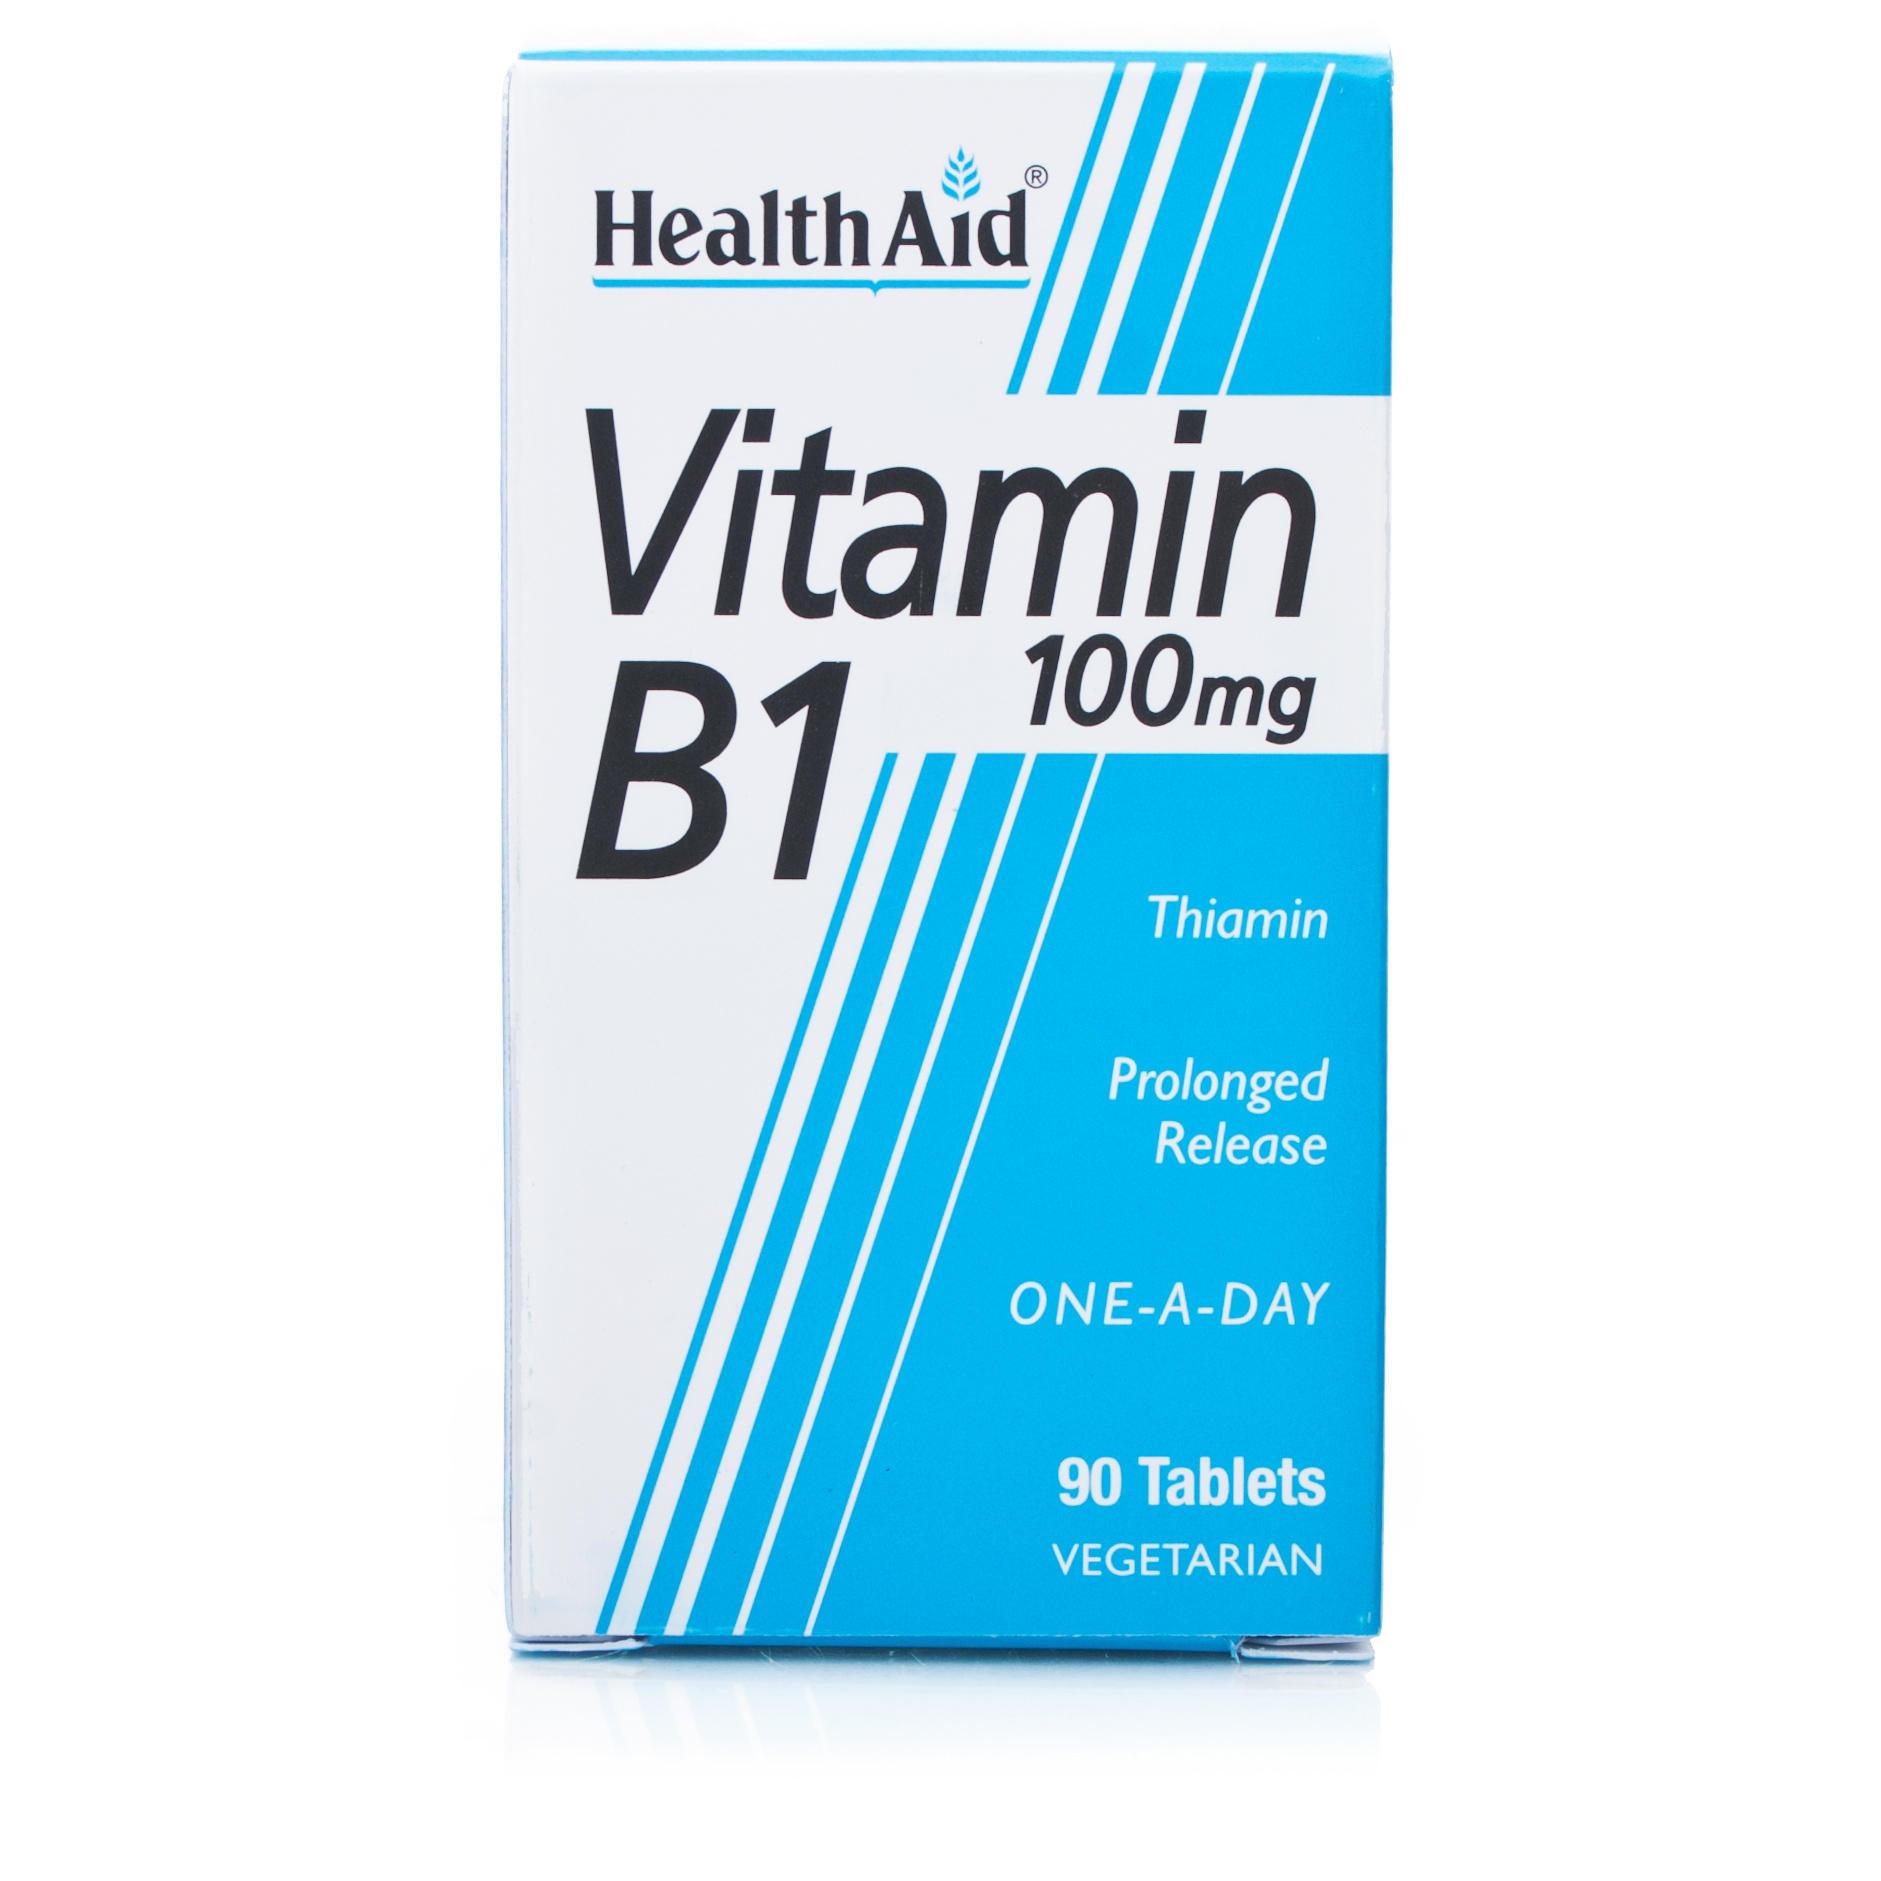 Health Aid Vitamin B1 Thiamin One a Day Bιταμίνη B1 (Θειαμίνη) Η βιταμίνη Του Μυαλού 100mg 90tabs